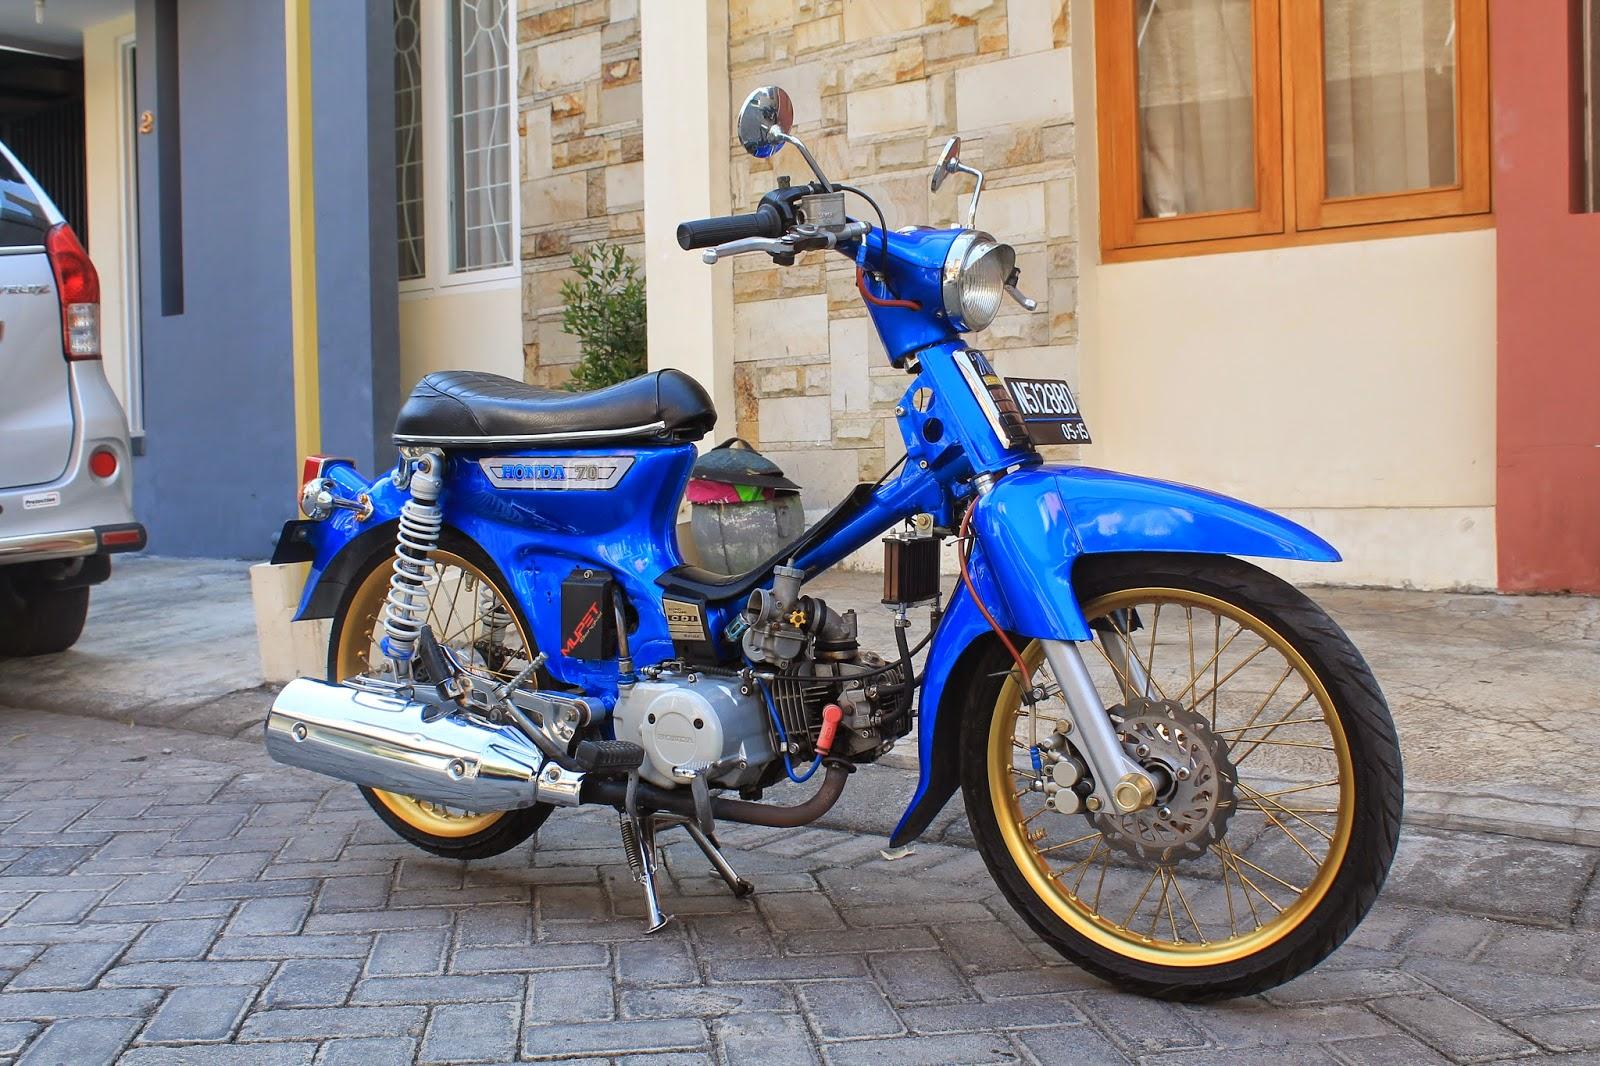 Harga Jual Sepeda Motor C70 Spesifikasi Dan Harga Terbaru Honda C70 Di Pasaran 100 Gambar